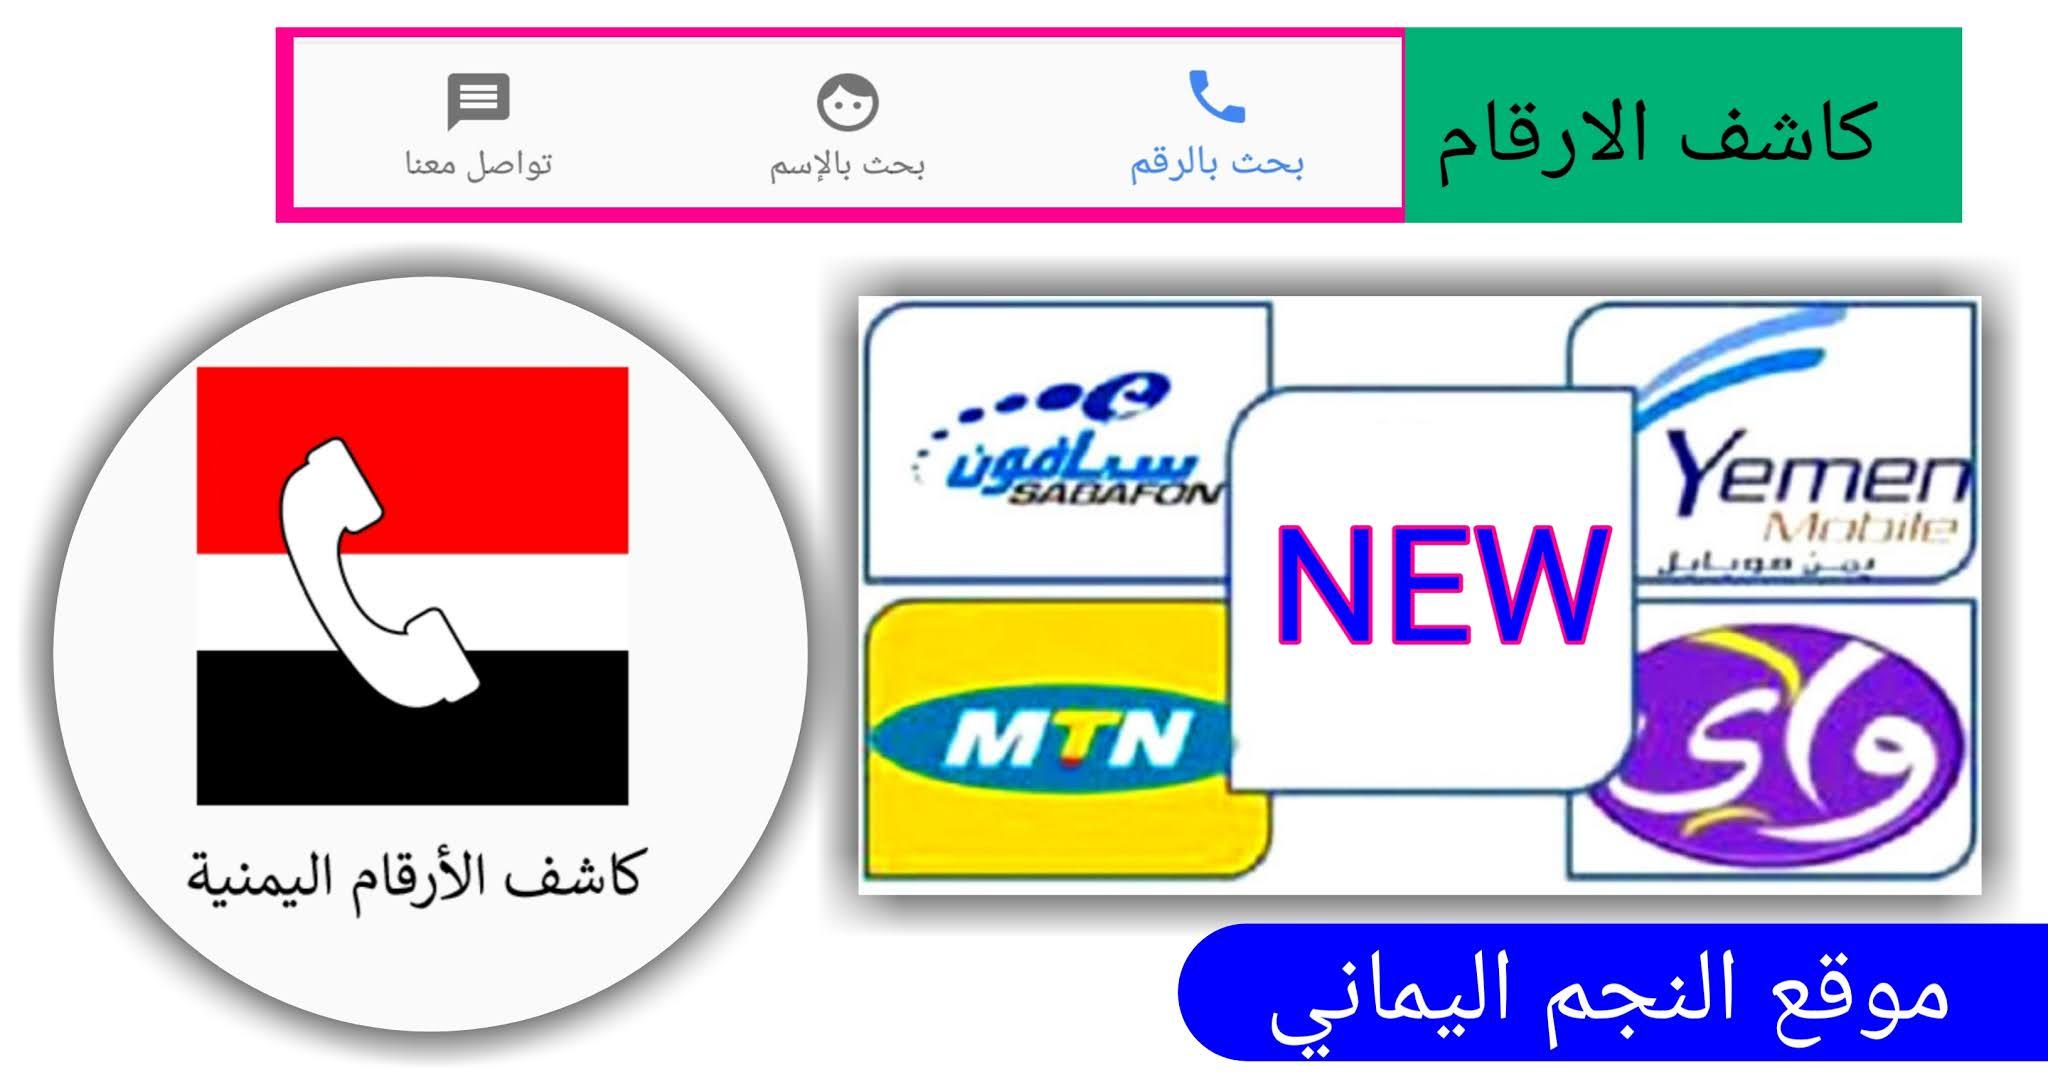 كاشف الارقام اليمنية اخراصدار- تحميل احدث اصدار من تطبيق كاشف الارقام 2021